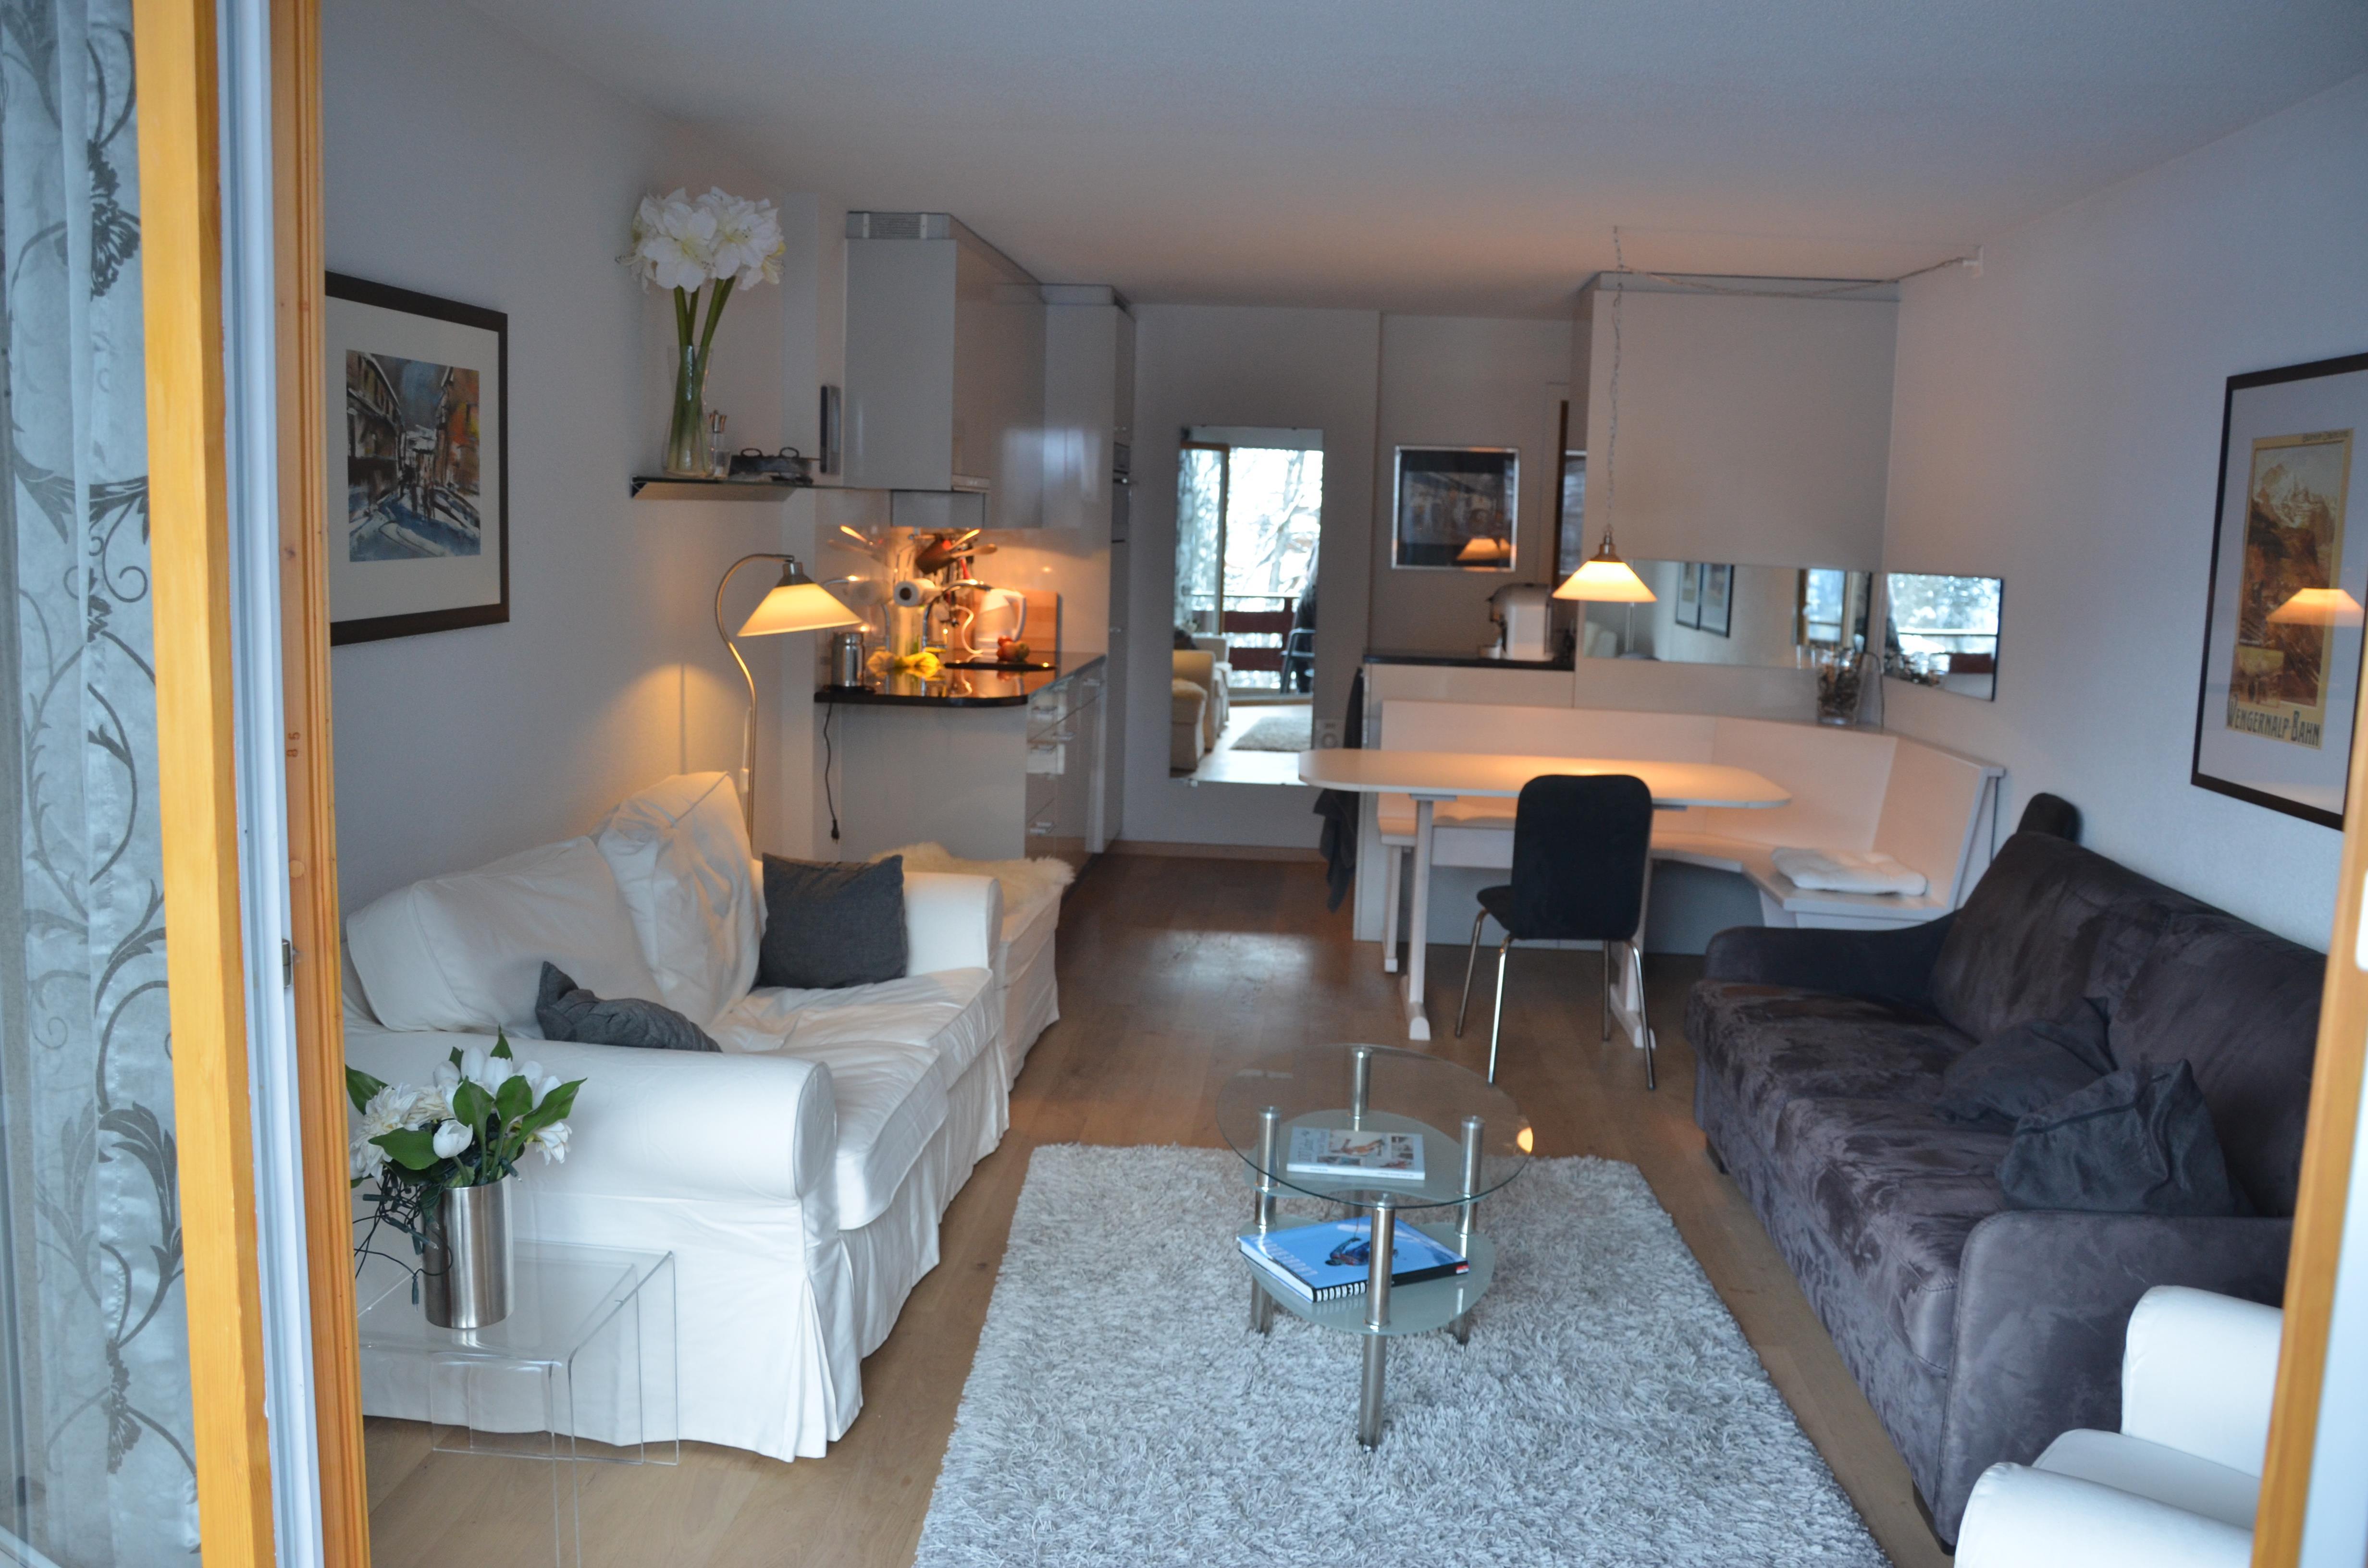 Ferienwohnung Eiger Residence 6 Bett Wohnung (2712549), Wengen, Jungfrauregion, Berner Oberland, Schweiz, Bild 3